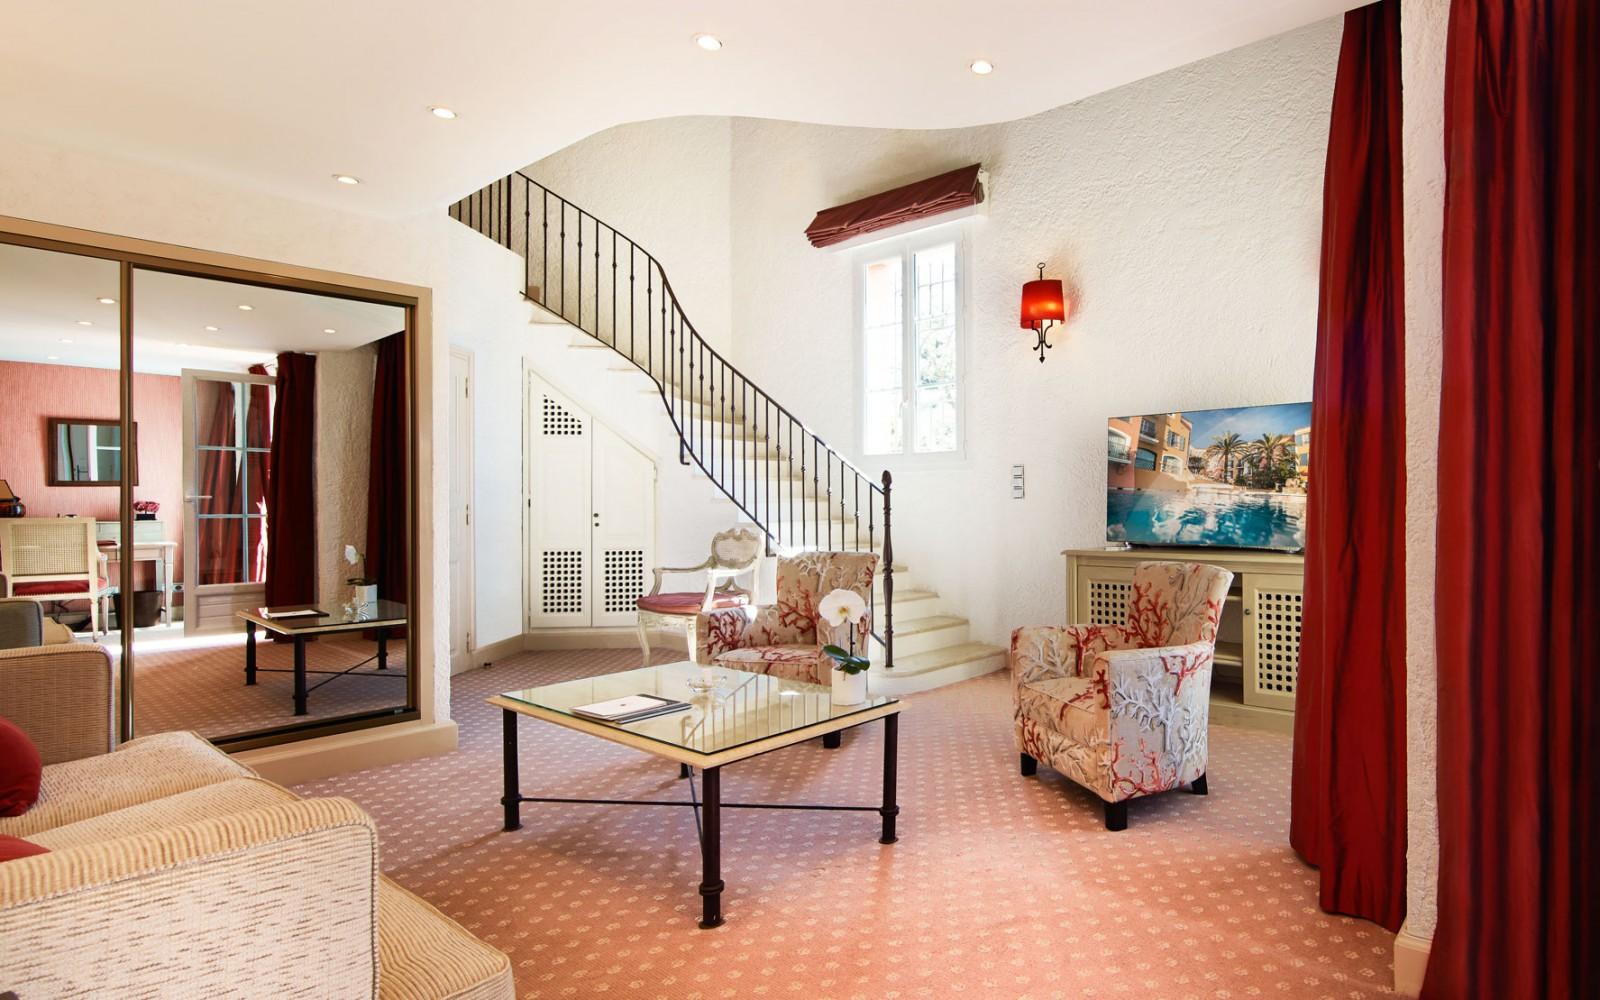 Hotel_Byblos_Saint-Tropez_Duplex-Suite-232-1